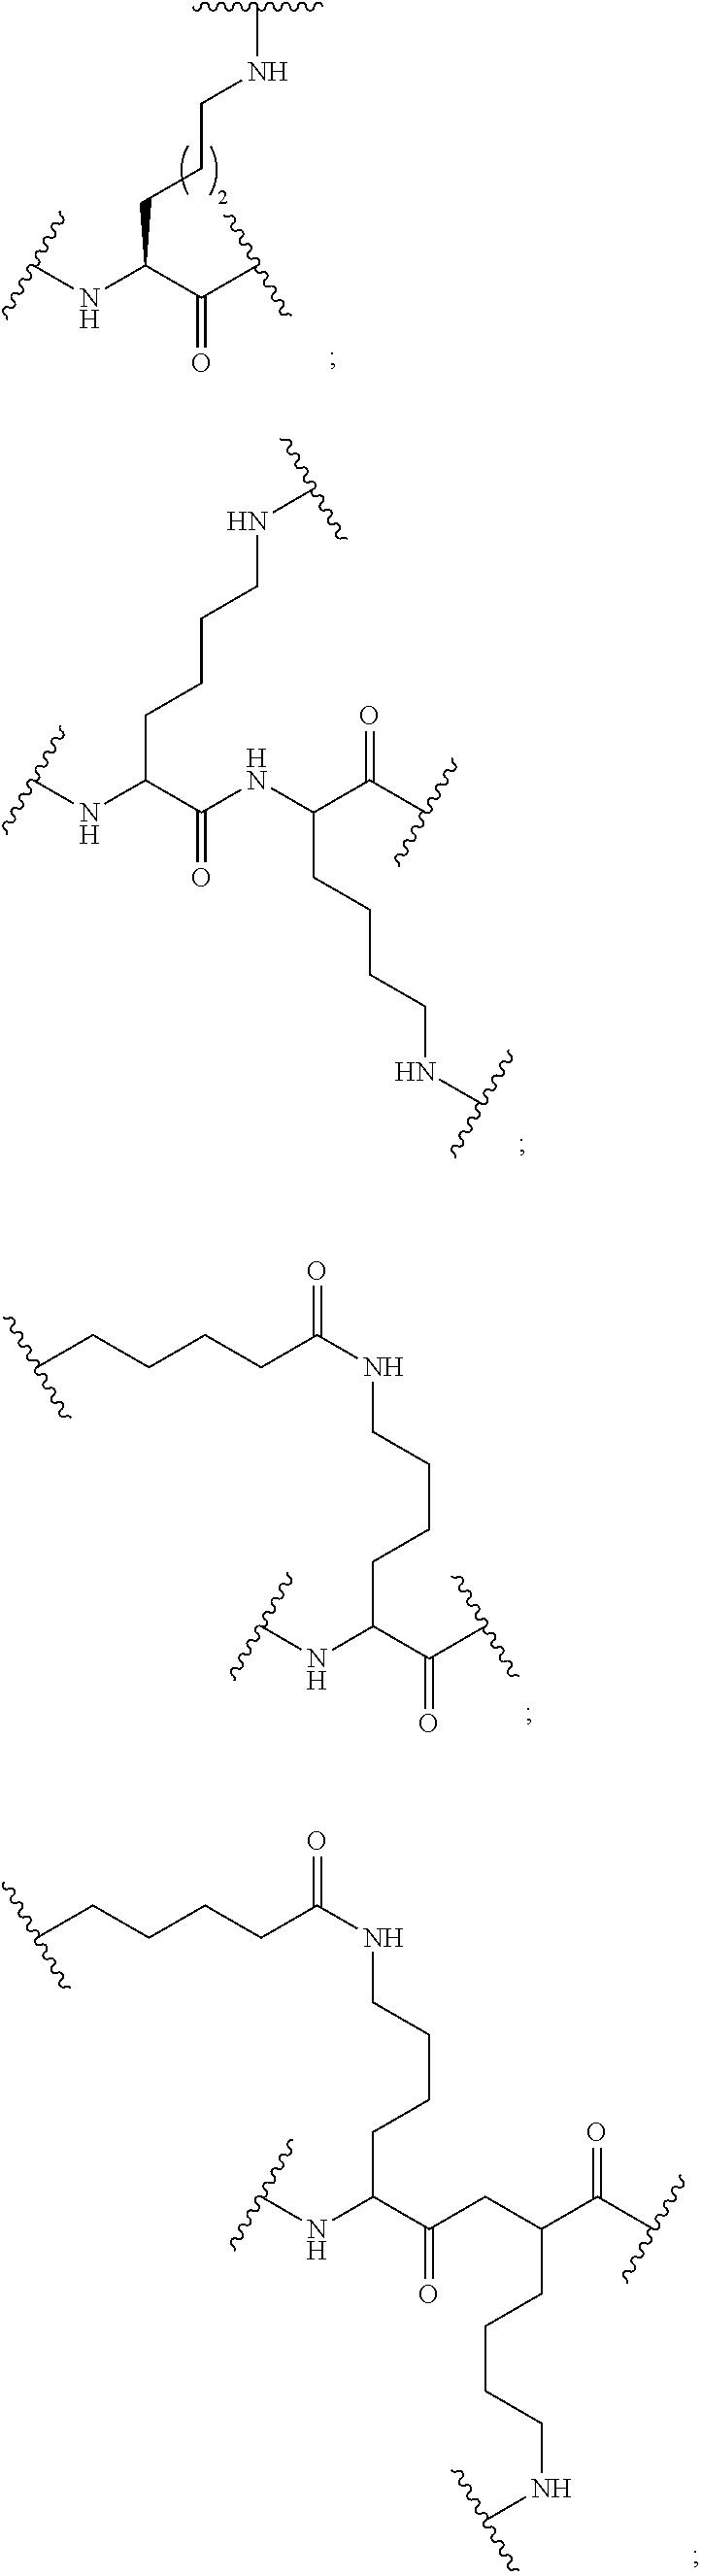 Figure US09932581-20180403-C00170